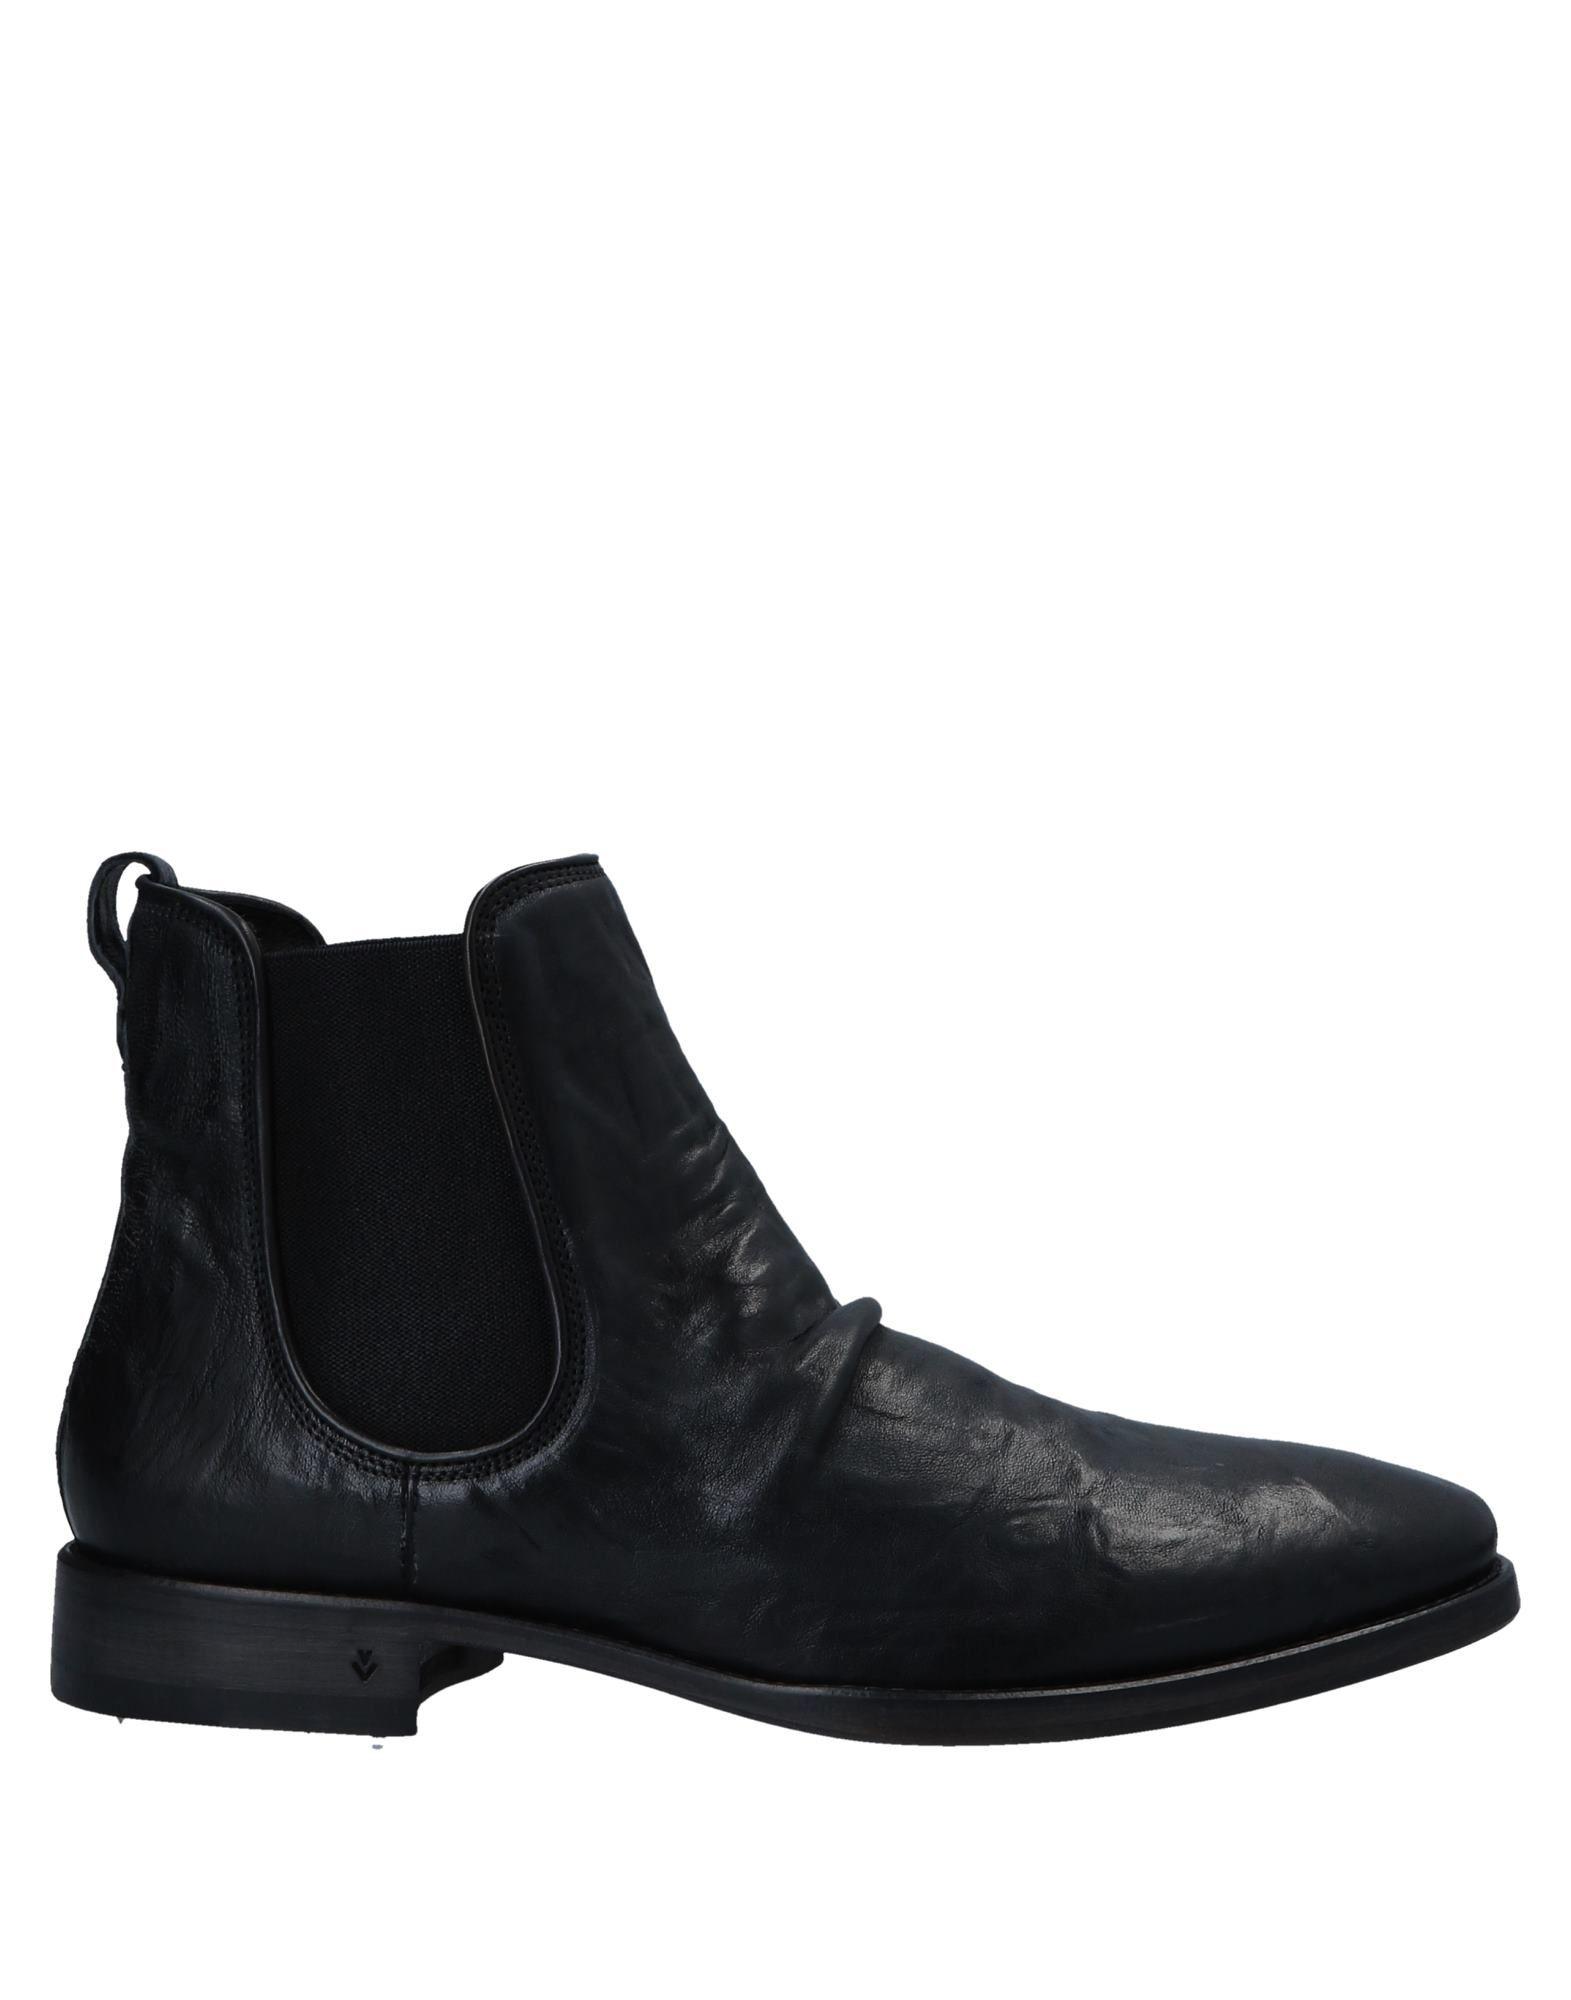 Nuevos zapatos para hombres y mujeres, descuento por tiempo limitado Botín  Botín limitado John Varvatos Hombre - Botines John Varvatos 361378